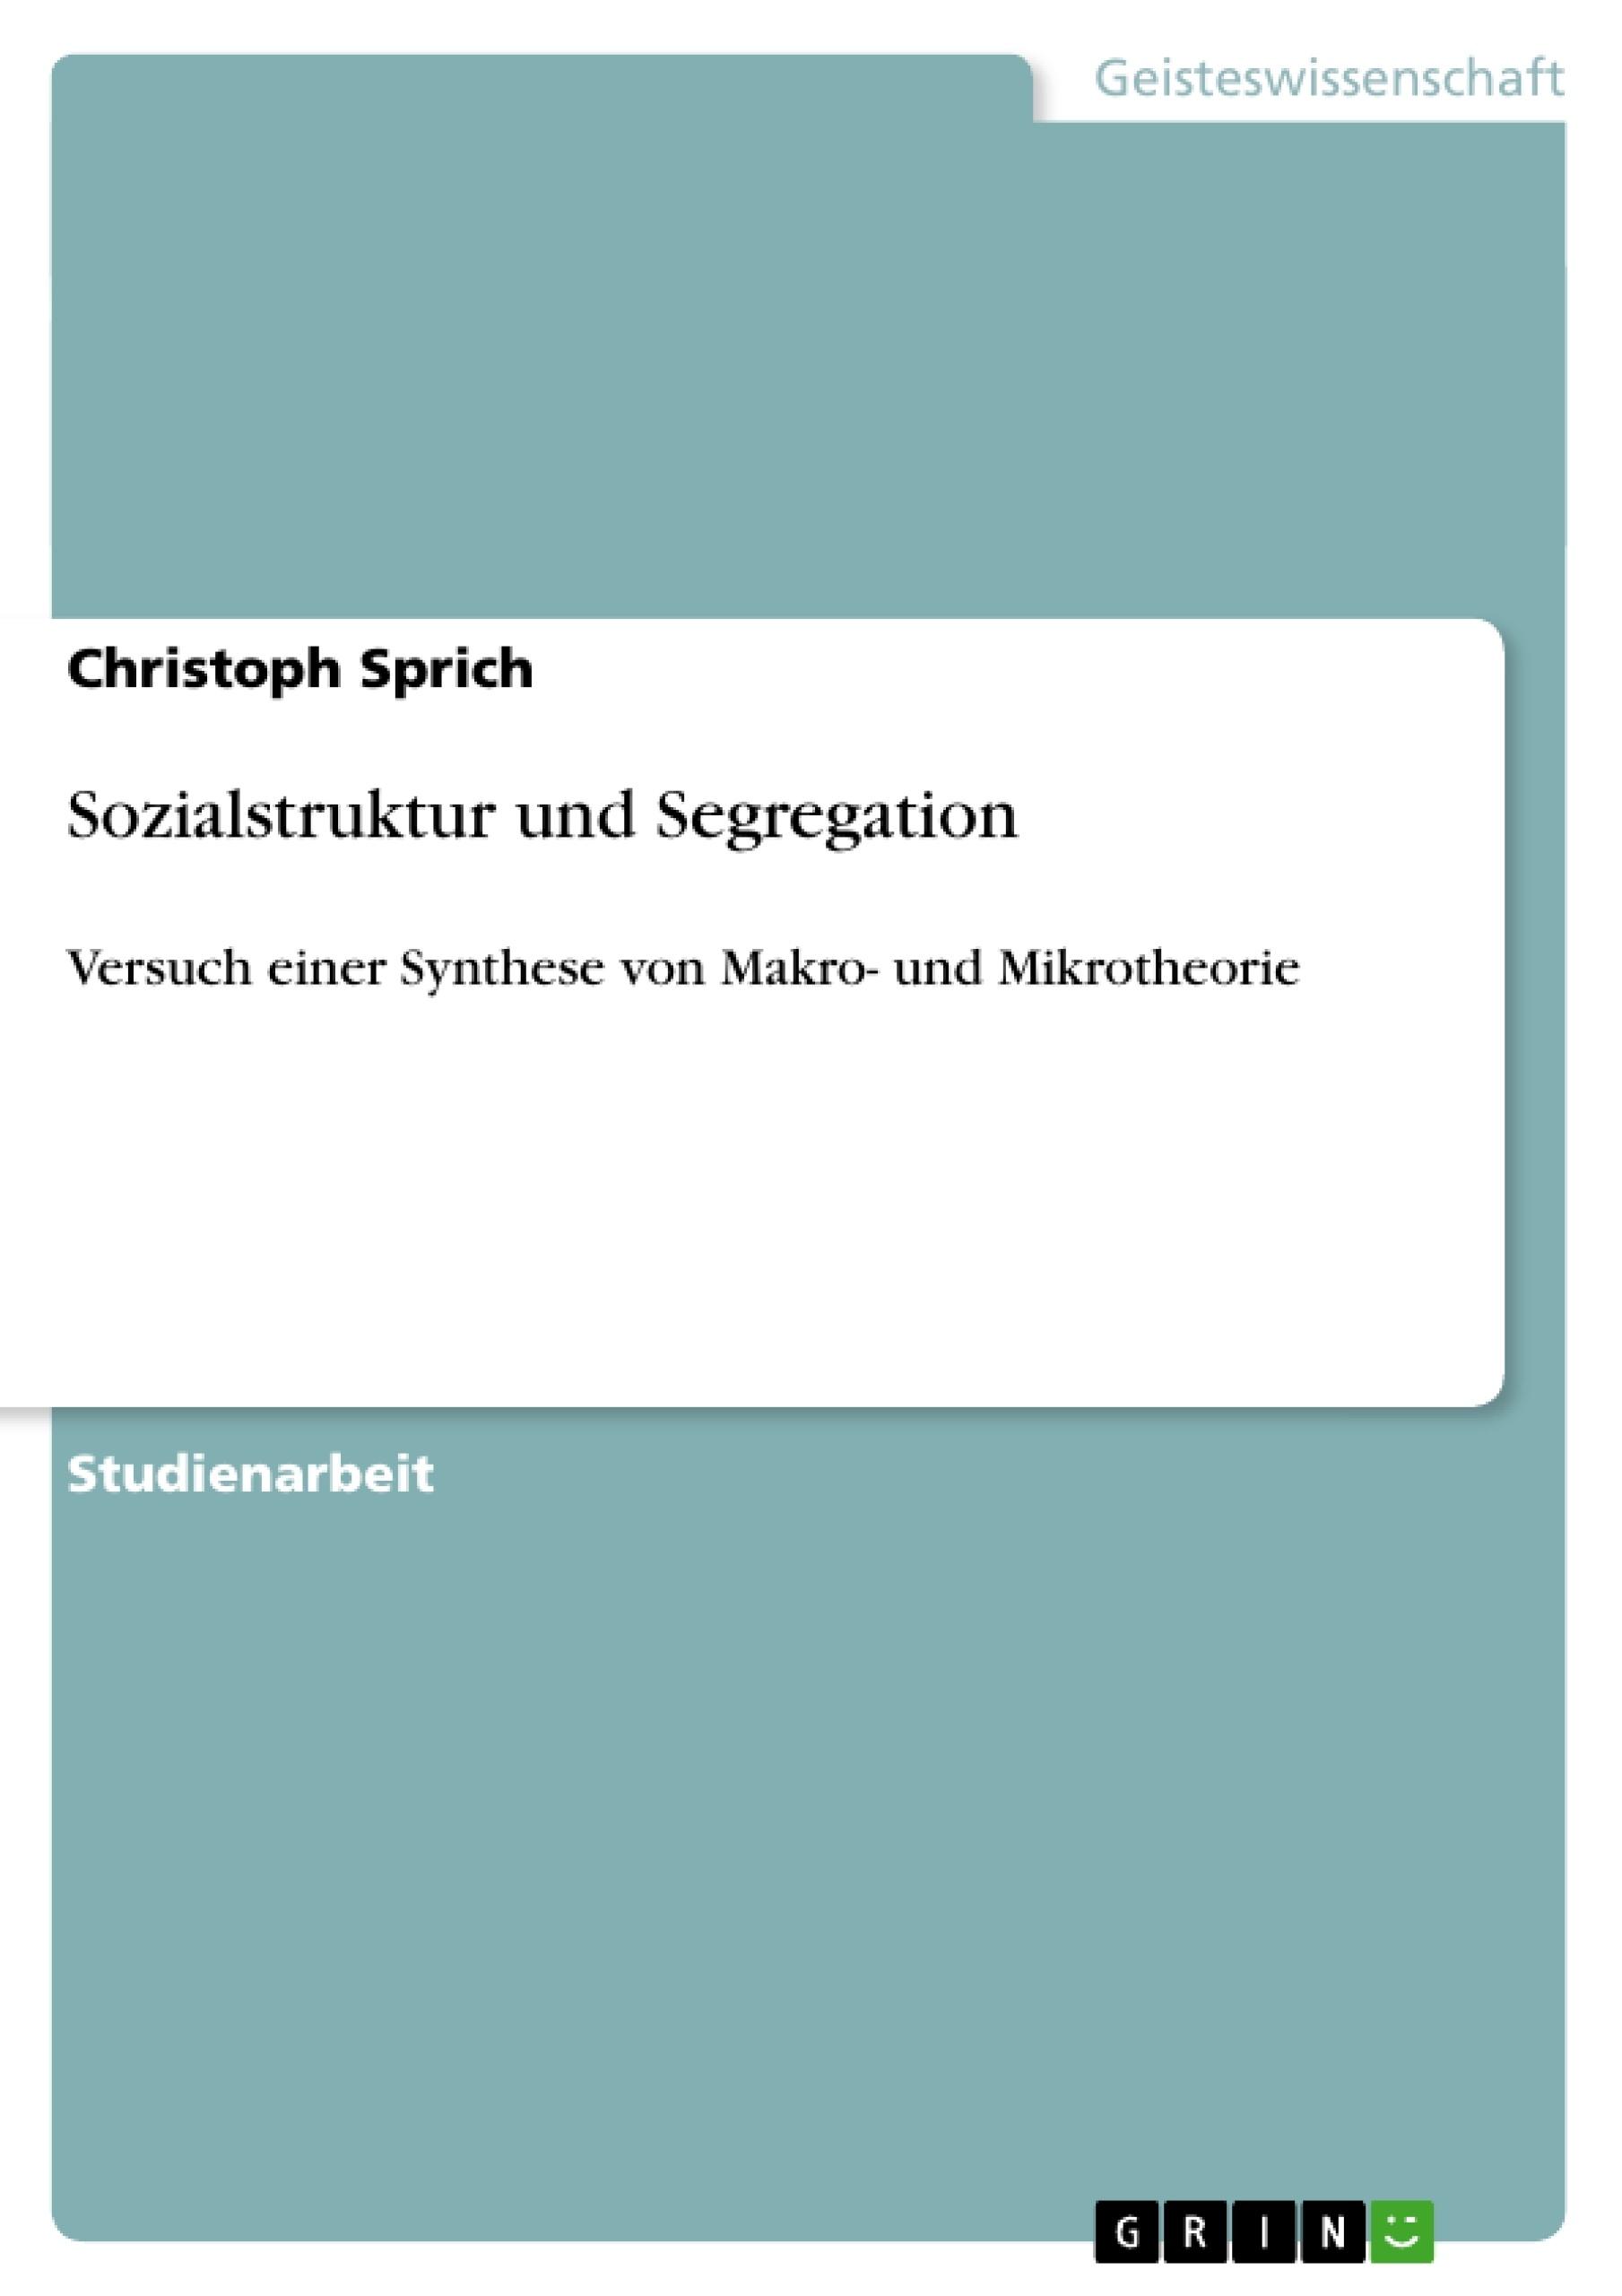 Titel: Sozialstruktur und Segregation